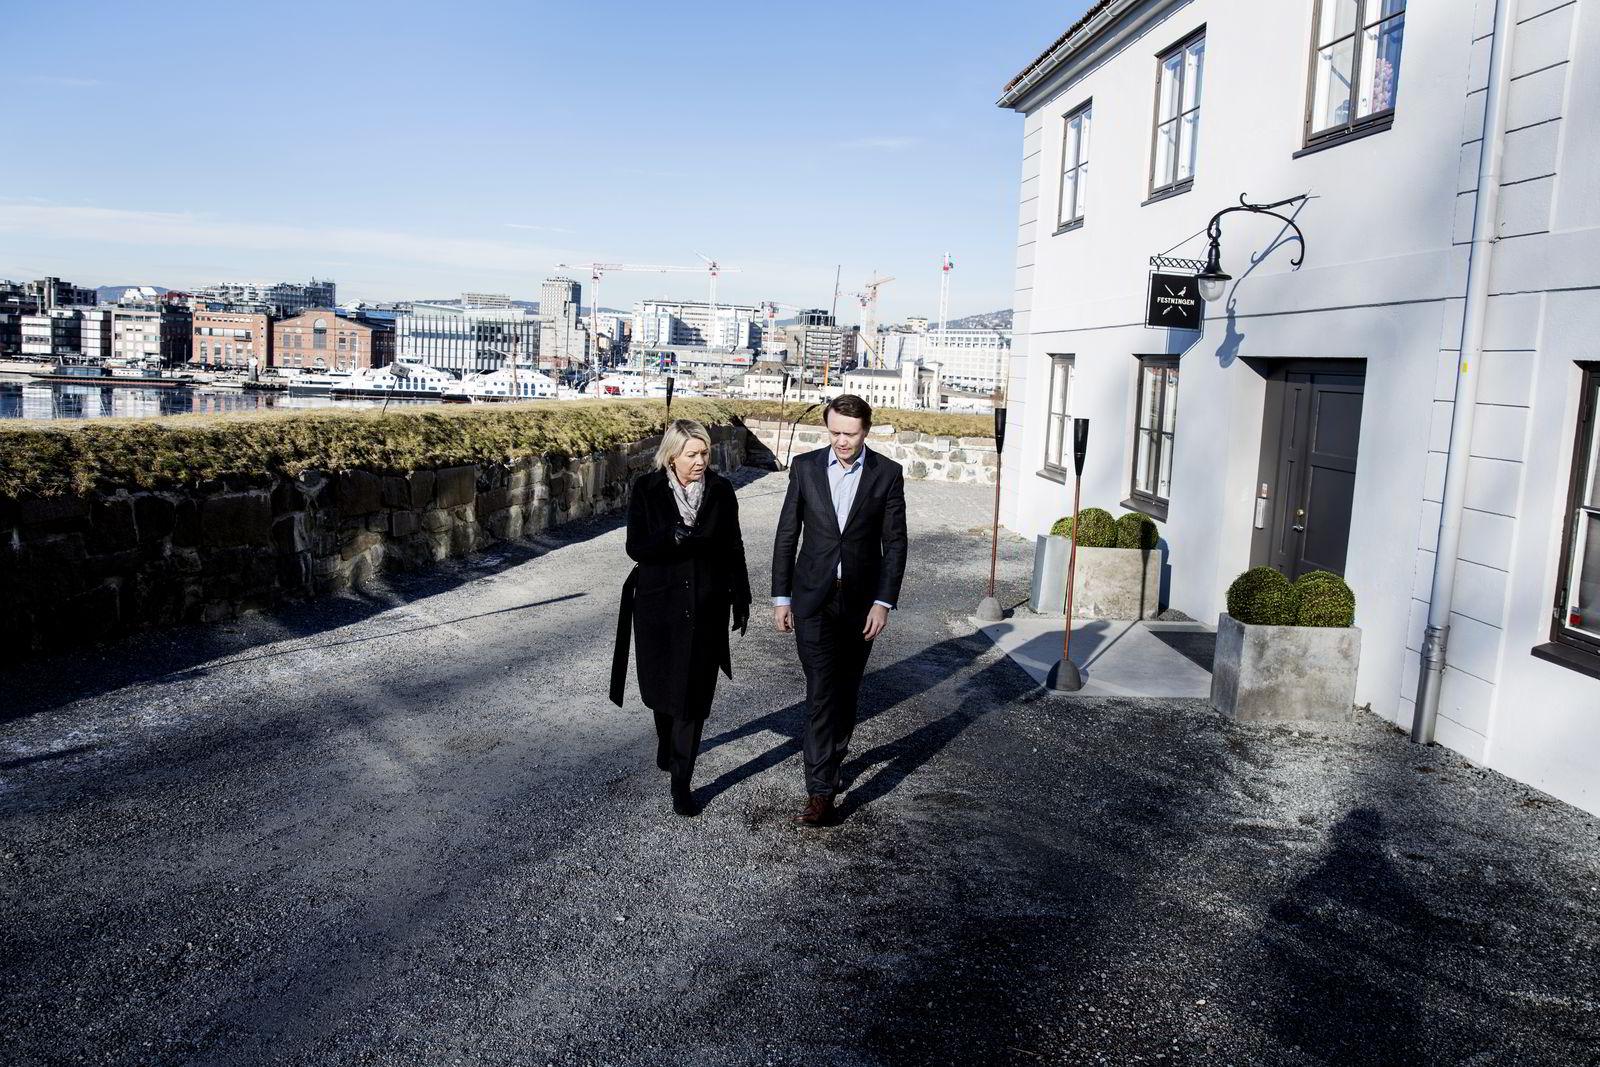 Næringsminister Monica Mæland og Gjøran Sæther i Fursetgruppen i samtale utenfor restaurant Festningen på Akerhus Festning. Foto: Fredrik Bjerknes